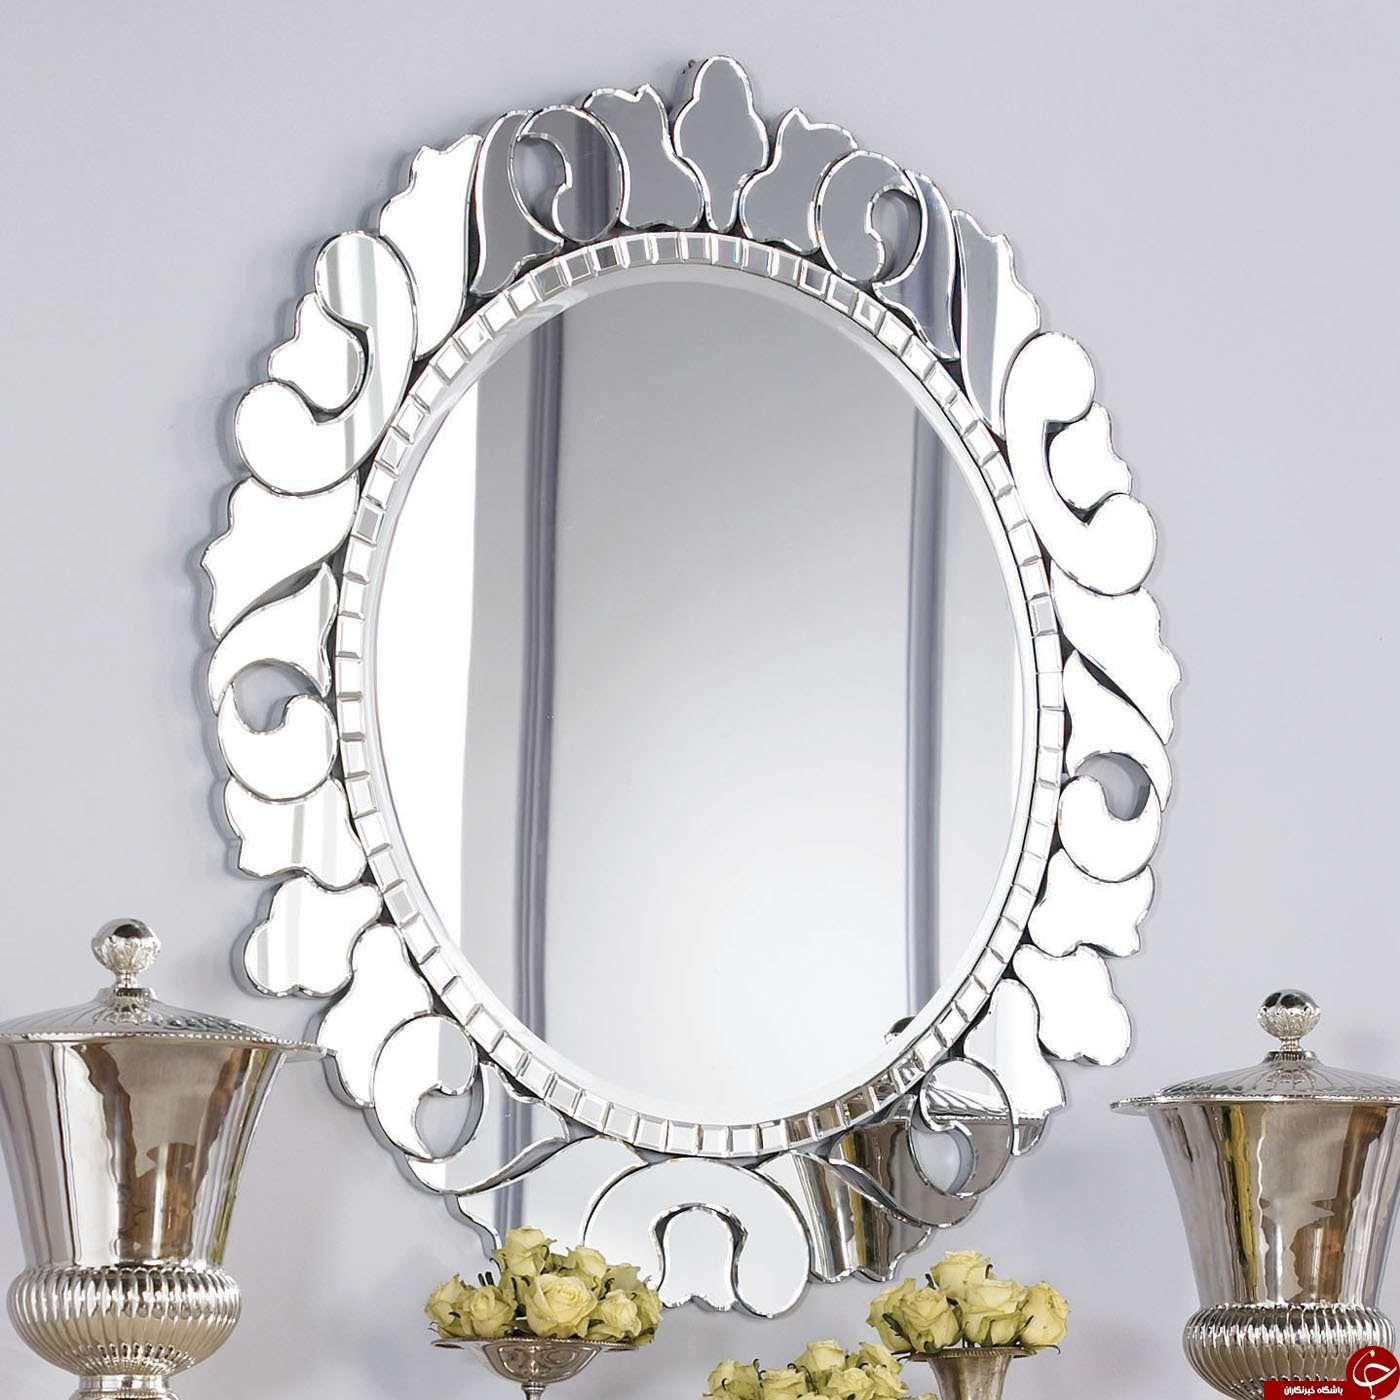 اگر زیاد مقابل آینه هستید بخوانید!